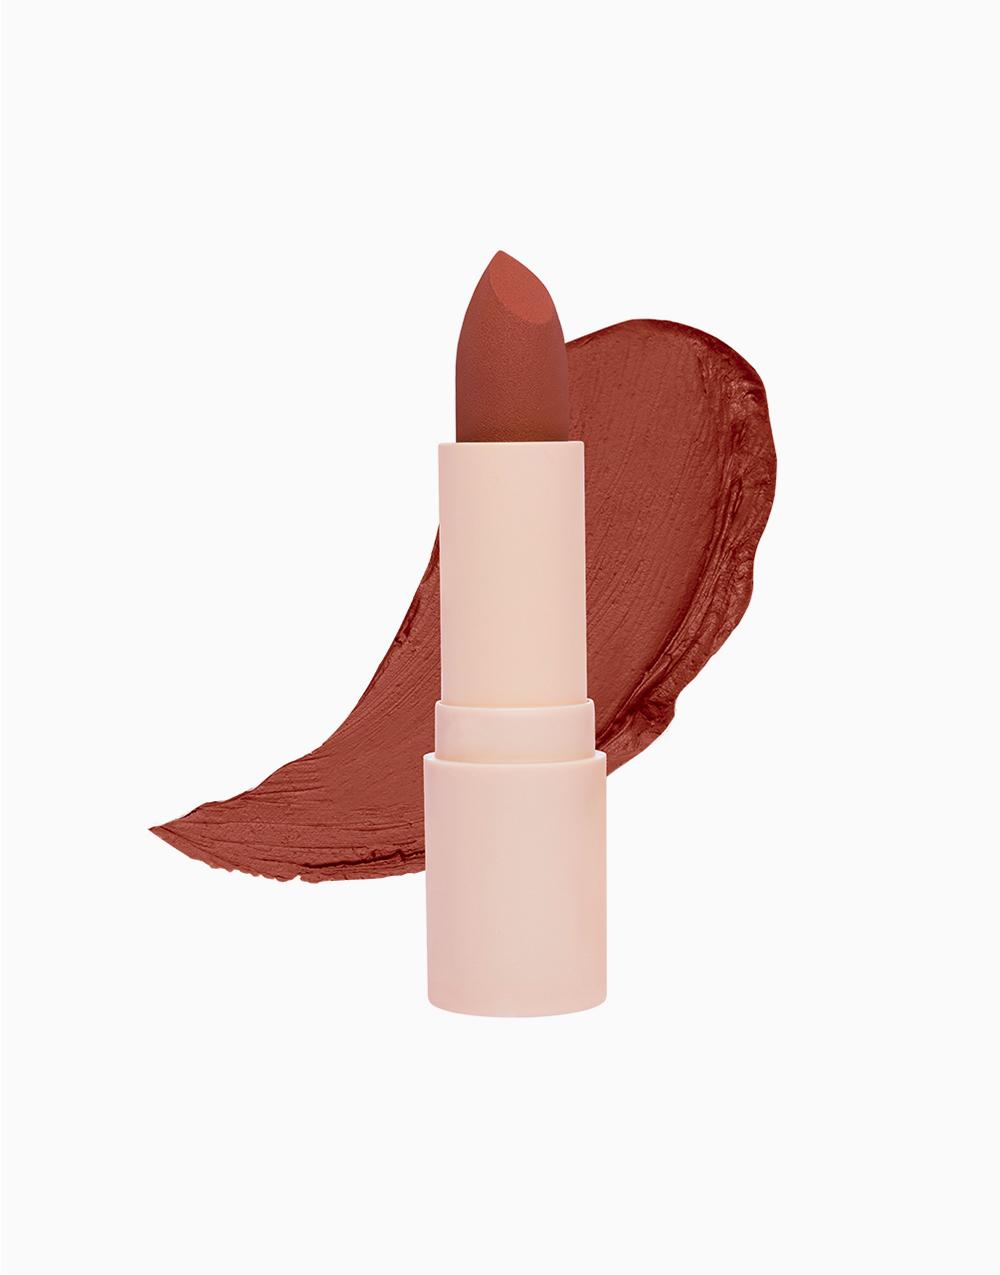 Sunnies Face Fluffmatte [Weightless Modern Matte Lipstick] (Bday) by Sunnies Face